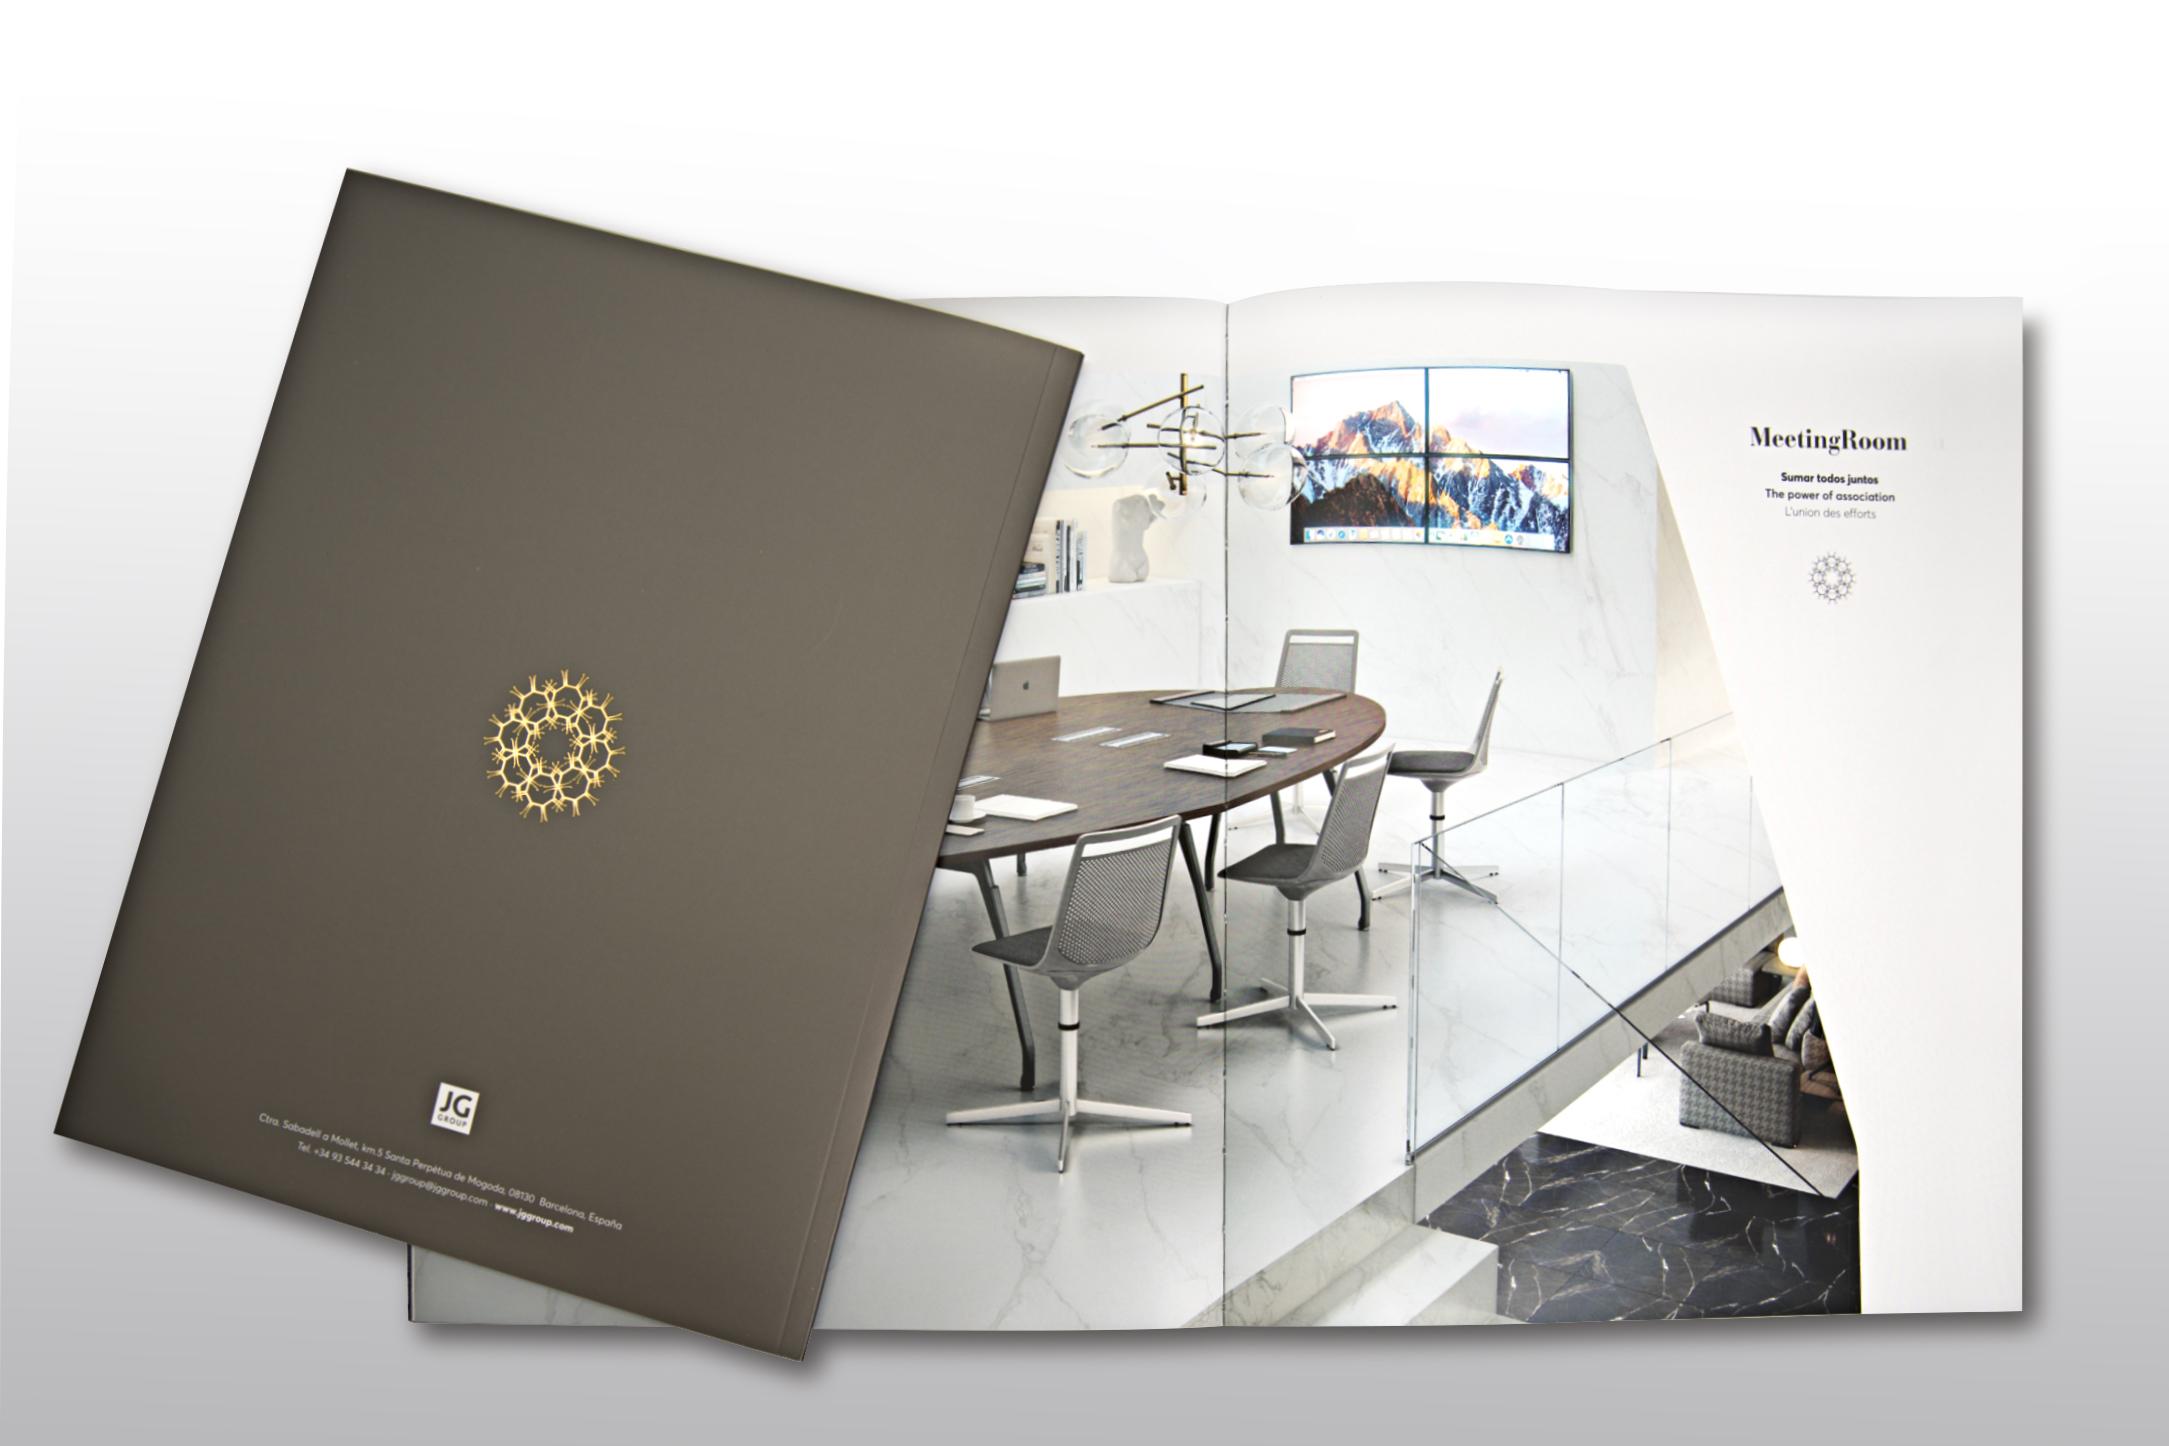 Impresion Digital y Offset para Empresas de Muebles de Oficina 3